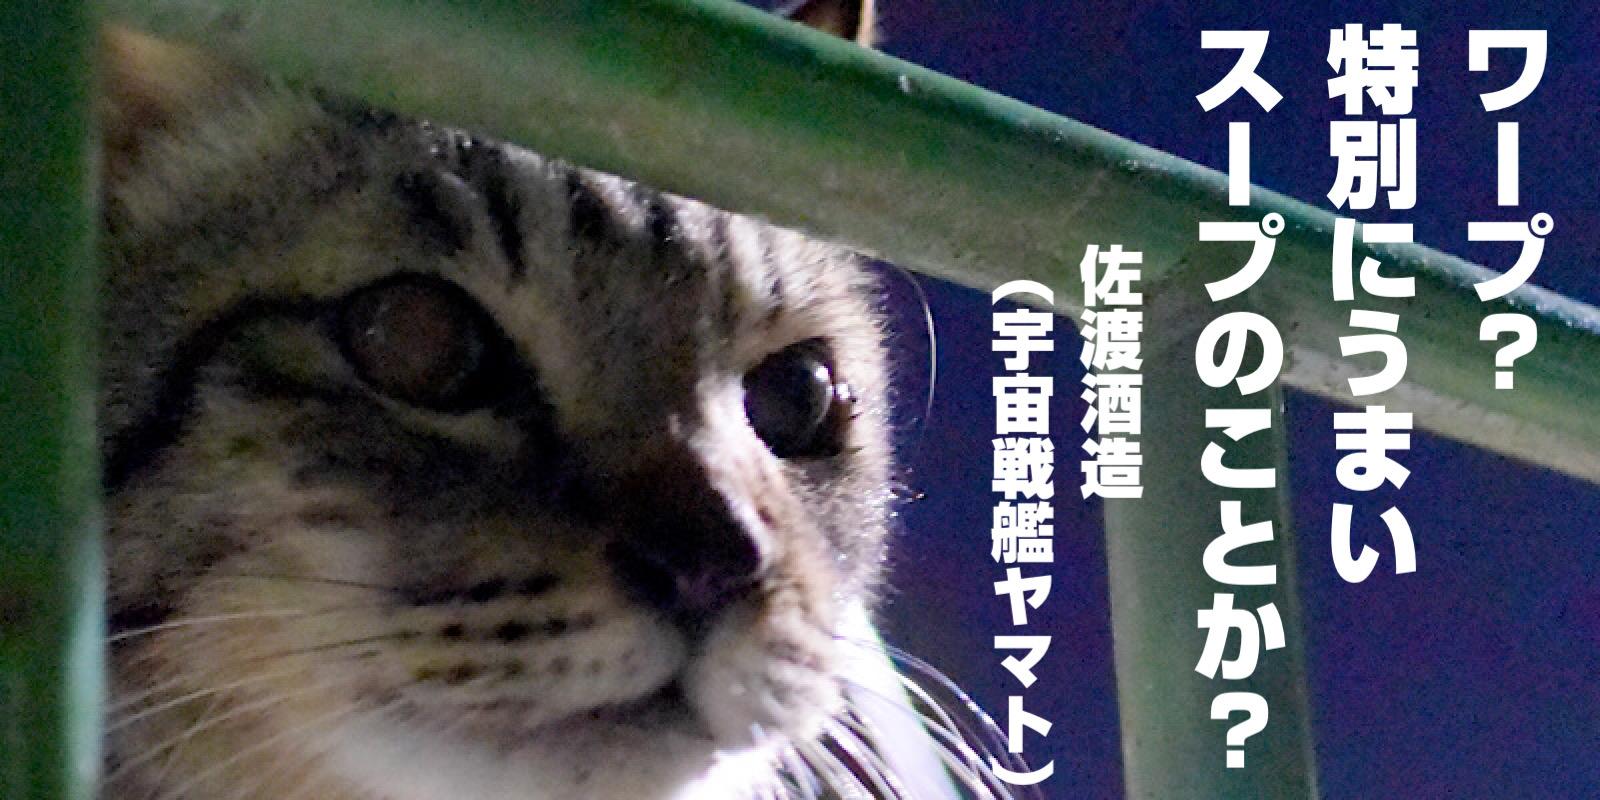 宇宙戦艦ヤマトに登場する猫(ミーくん)は、松本零士先生の飼い猫がモデル